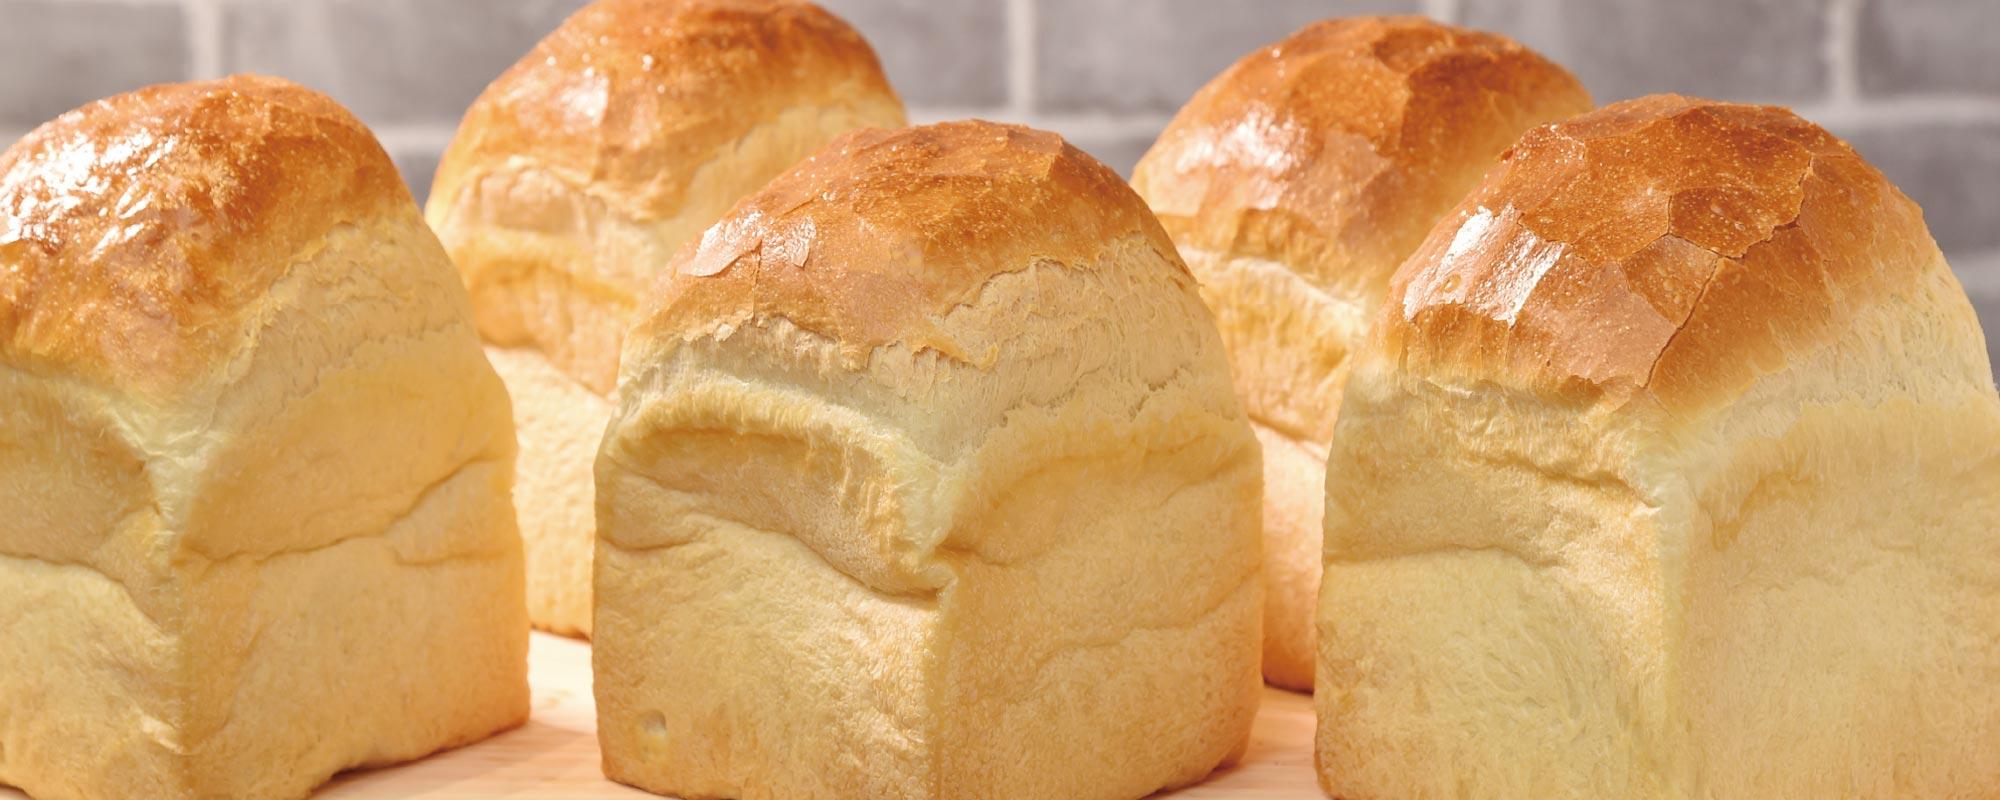 マルベーカリーの基本は食パンです